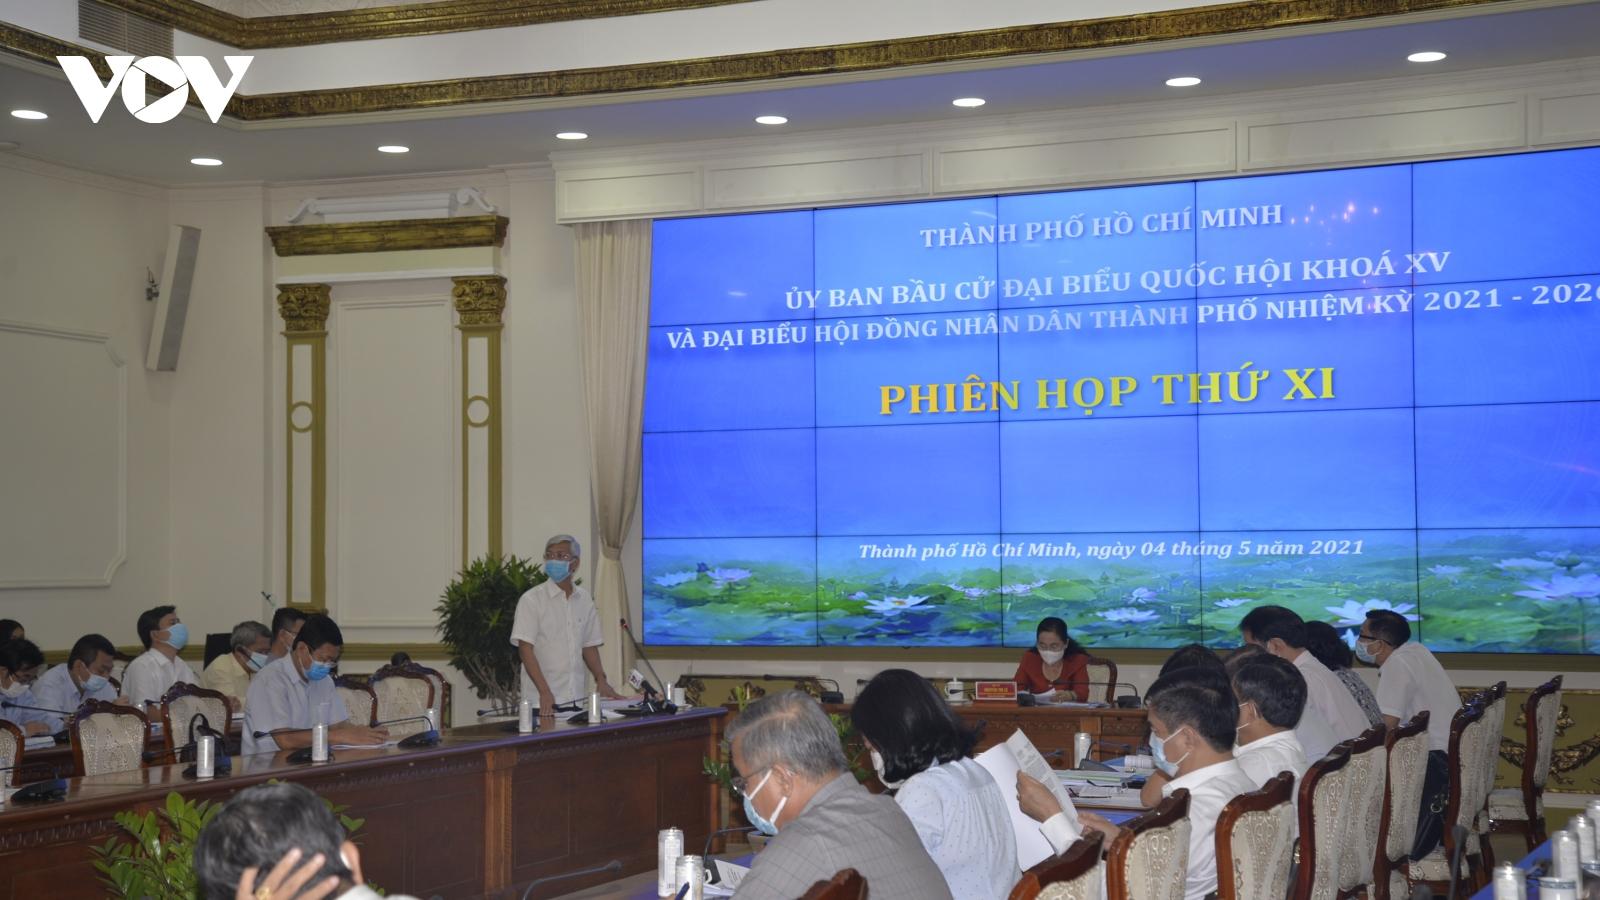 ÔngTrần Lưu Quang vẫn ứng cử đạibiểu Quốc hộitại TP HCM